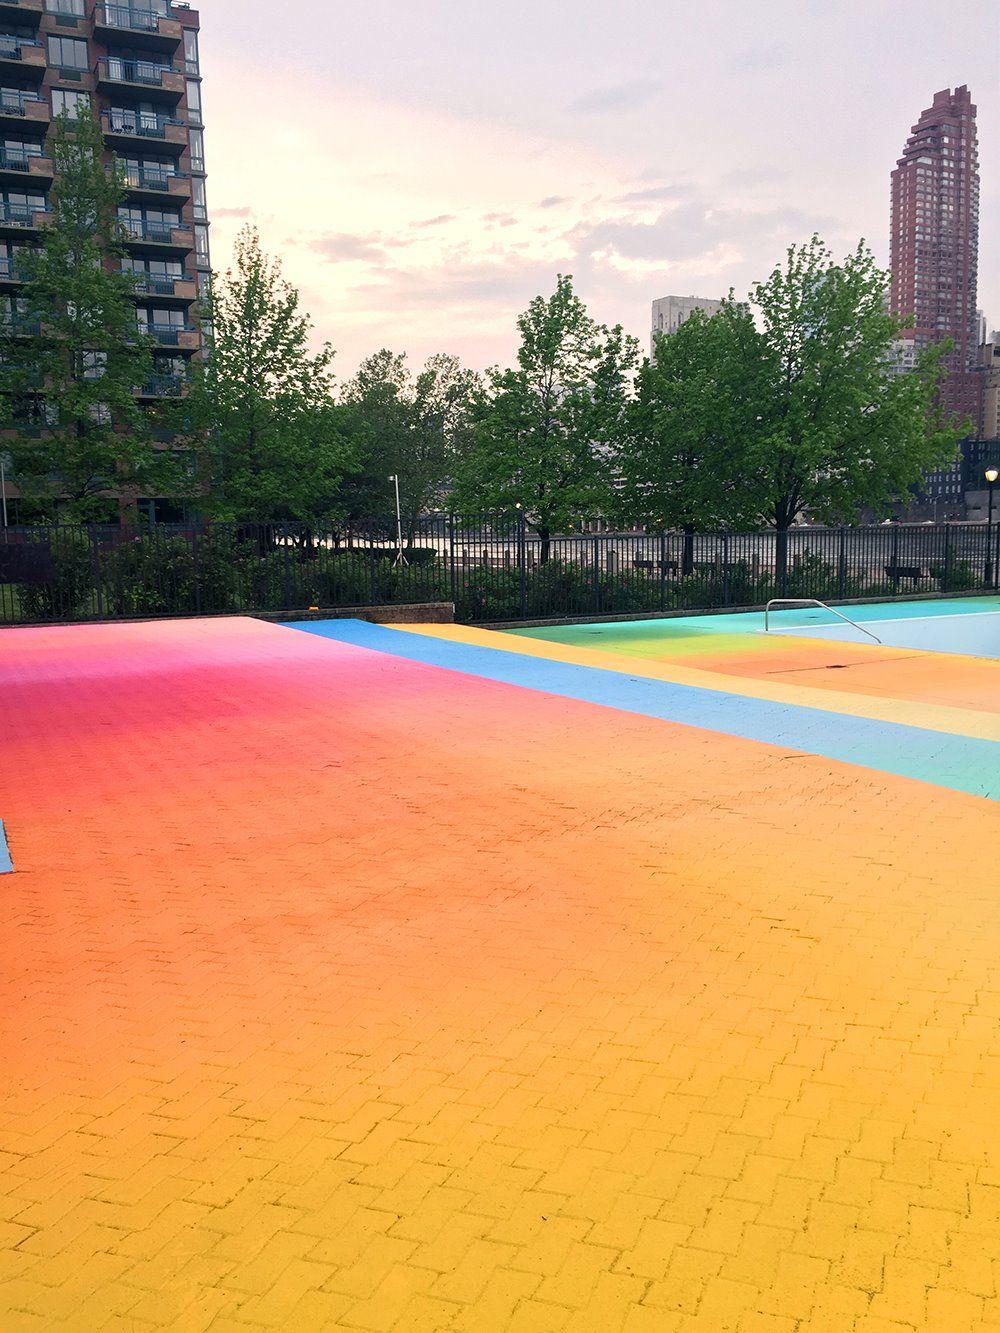 뉴욕, 레인보우 수영장